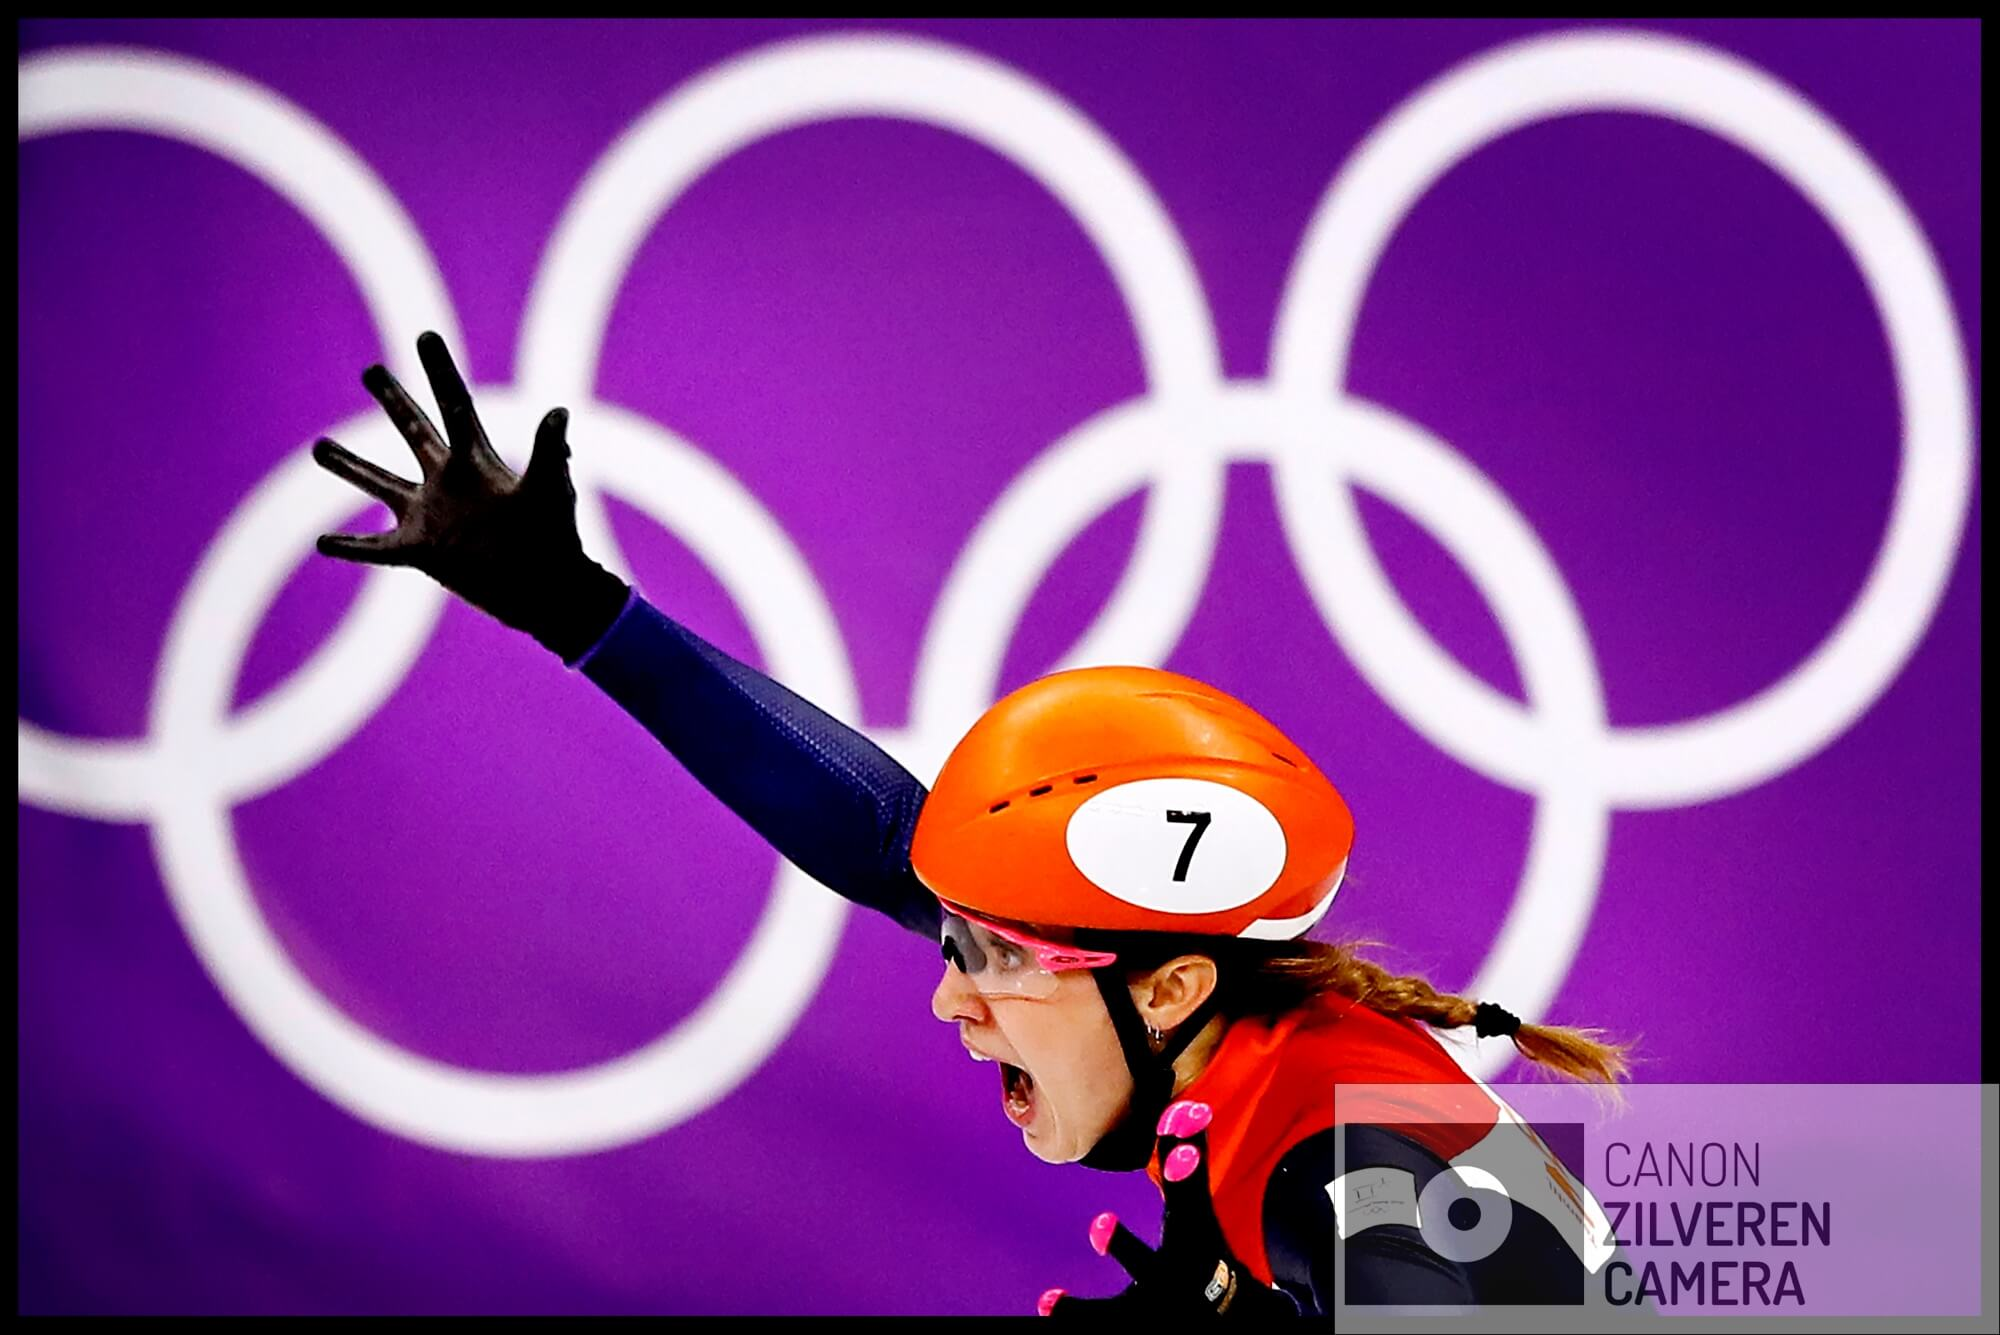 Serie Suzanne Schulting; Van Olympische val tot Sportvrouw van het Jaar. Olympische Winterspelen 2018Zuid-Korea, Gangneung, 22-02-2018FOTO 6Met de armen wijd, een blik vol ongeloof en blijdschap passeert Schulting de finish. Zij is de nieuwe Olympisch kampioene op de 1000 meter.